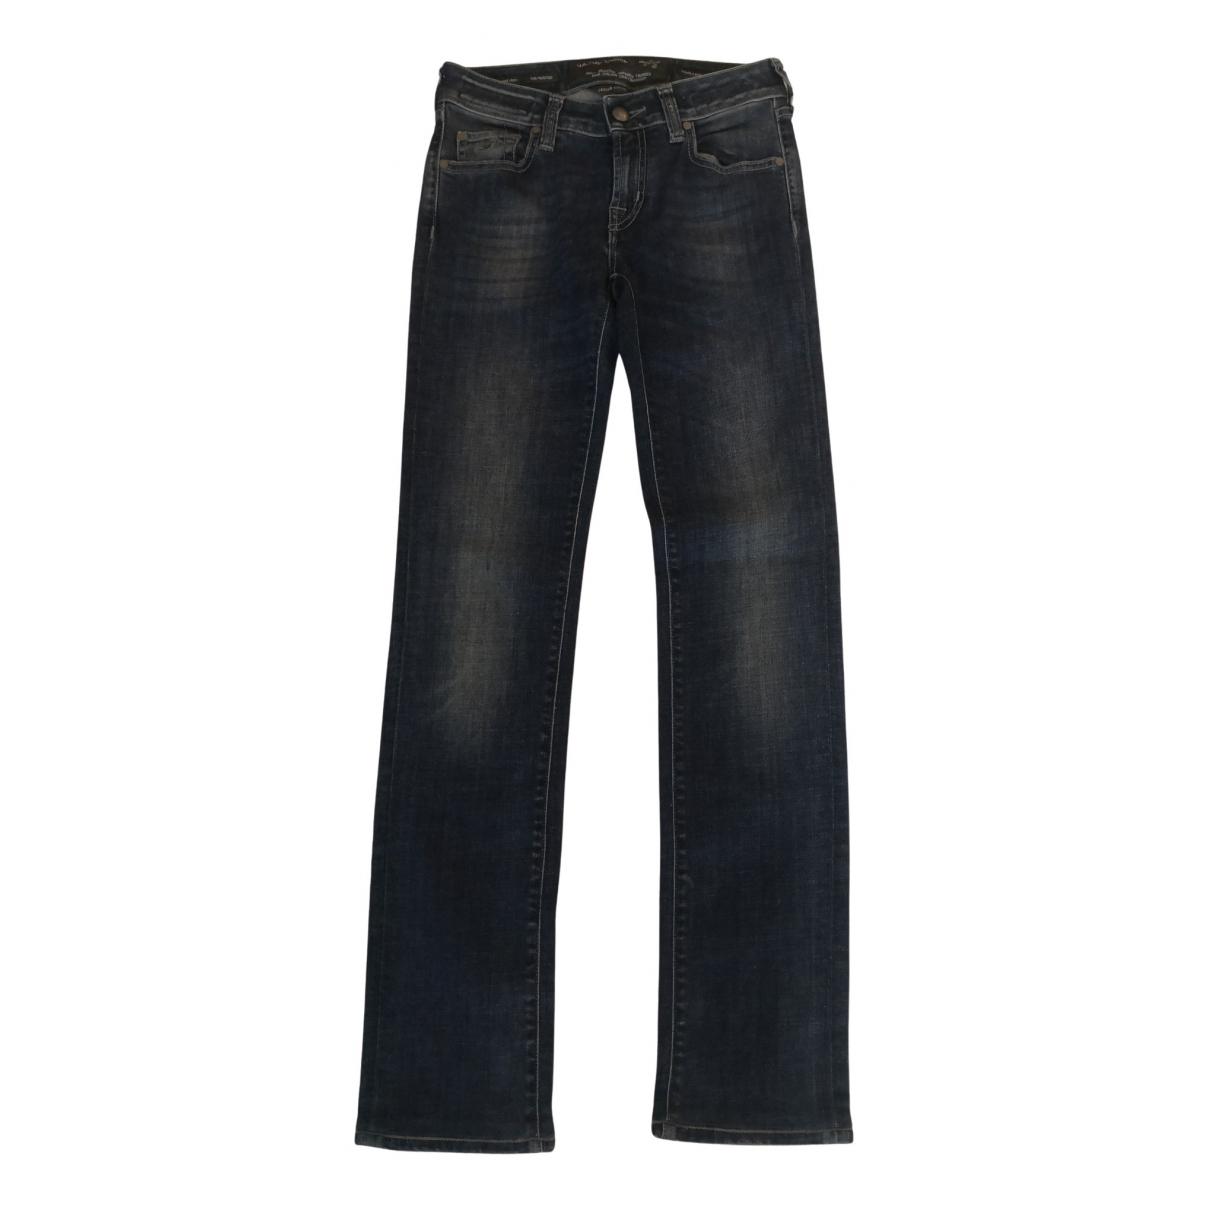 Jacob & Co N Blue Cotton Jeans for Women 26 US